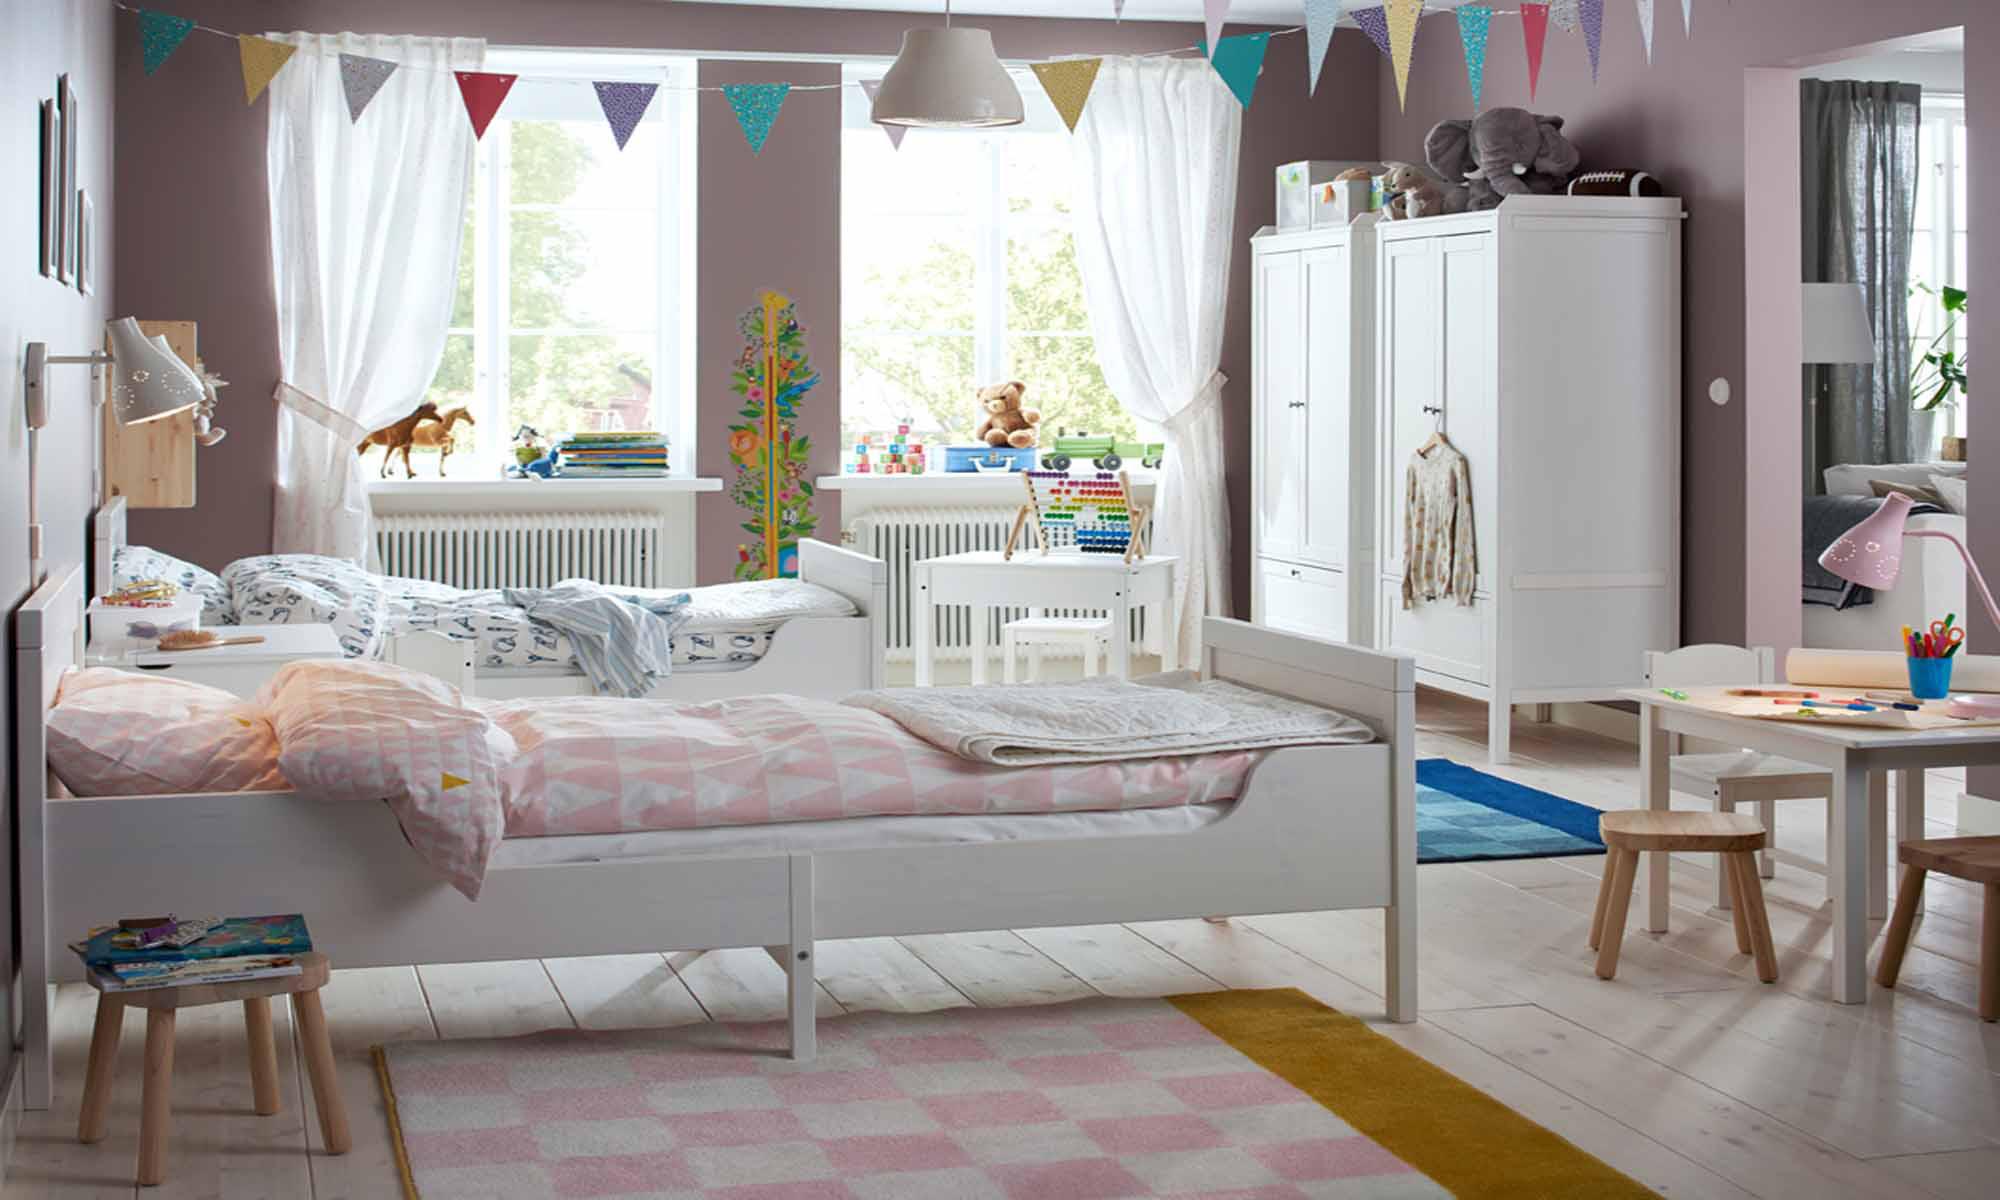 La Redoute Ameublement Chambre montage de meuble, prestation parfaite, rapide et soignée